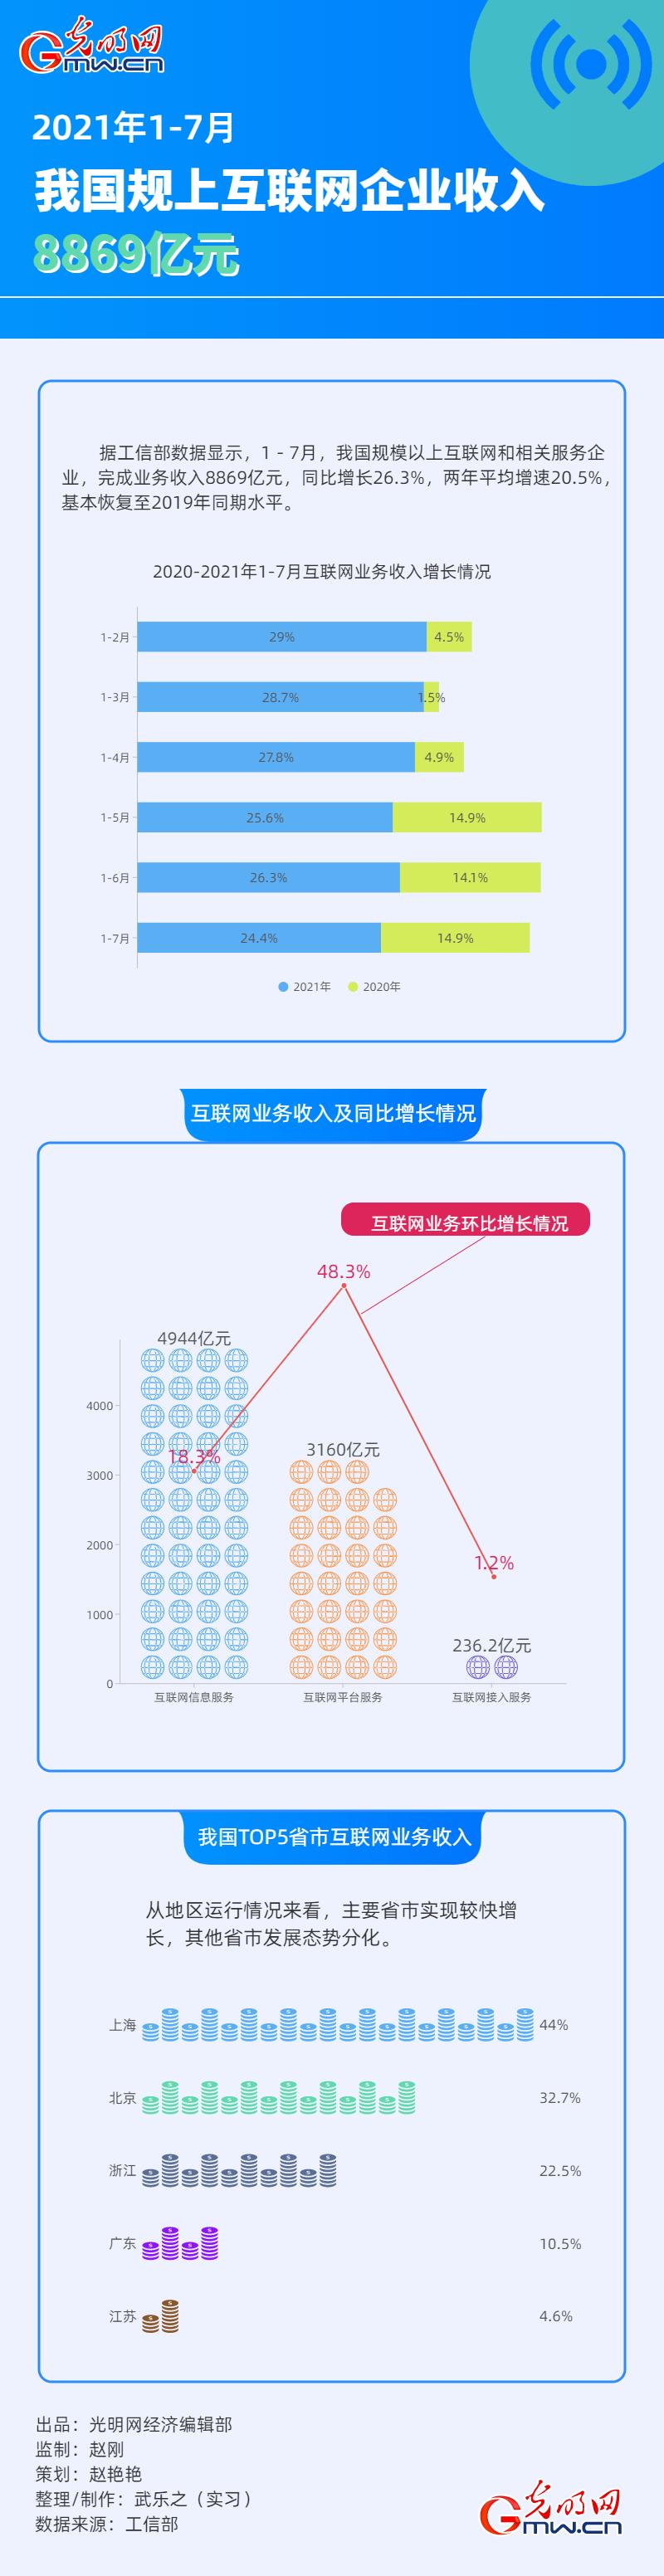 數據圖解丨1-7月我國規上互聯網企業收入8869億元